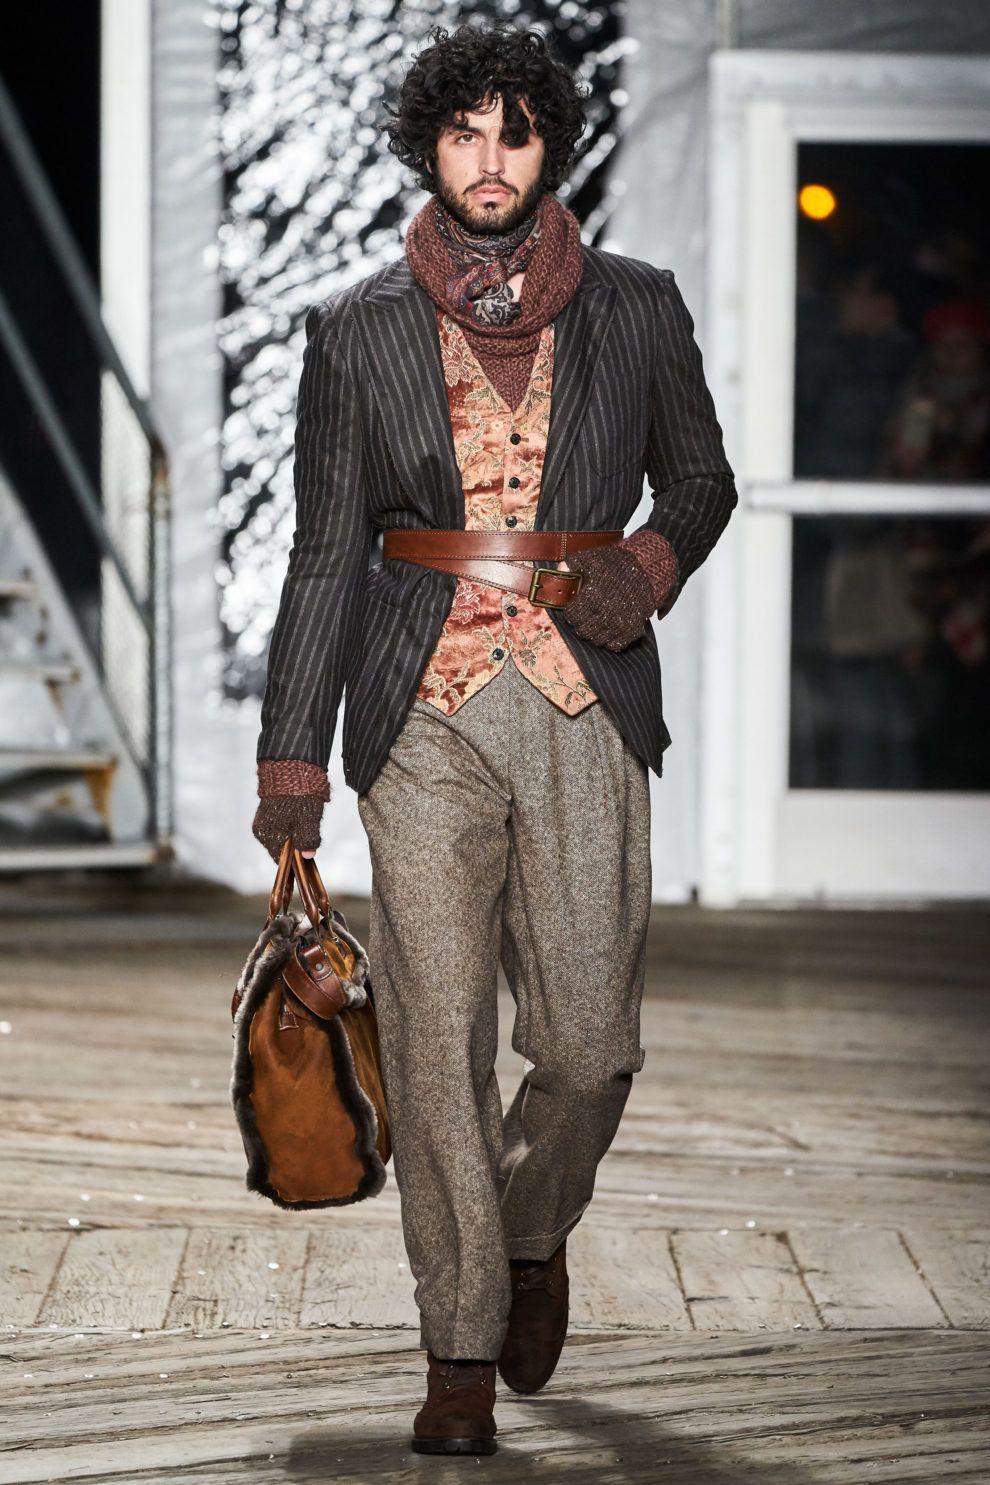 увлечение красиво одеваться мужчине зимой фото одном